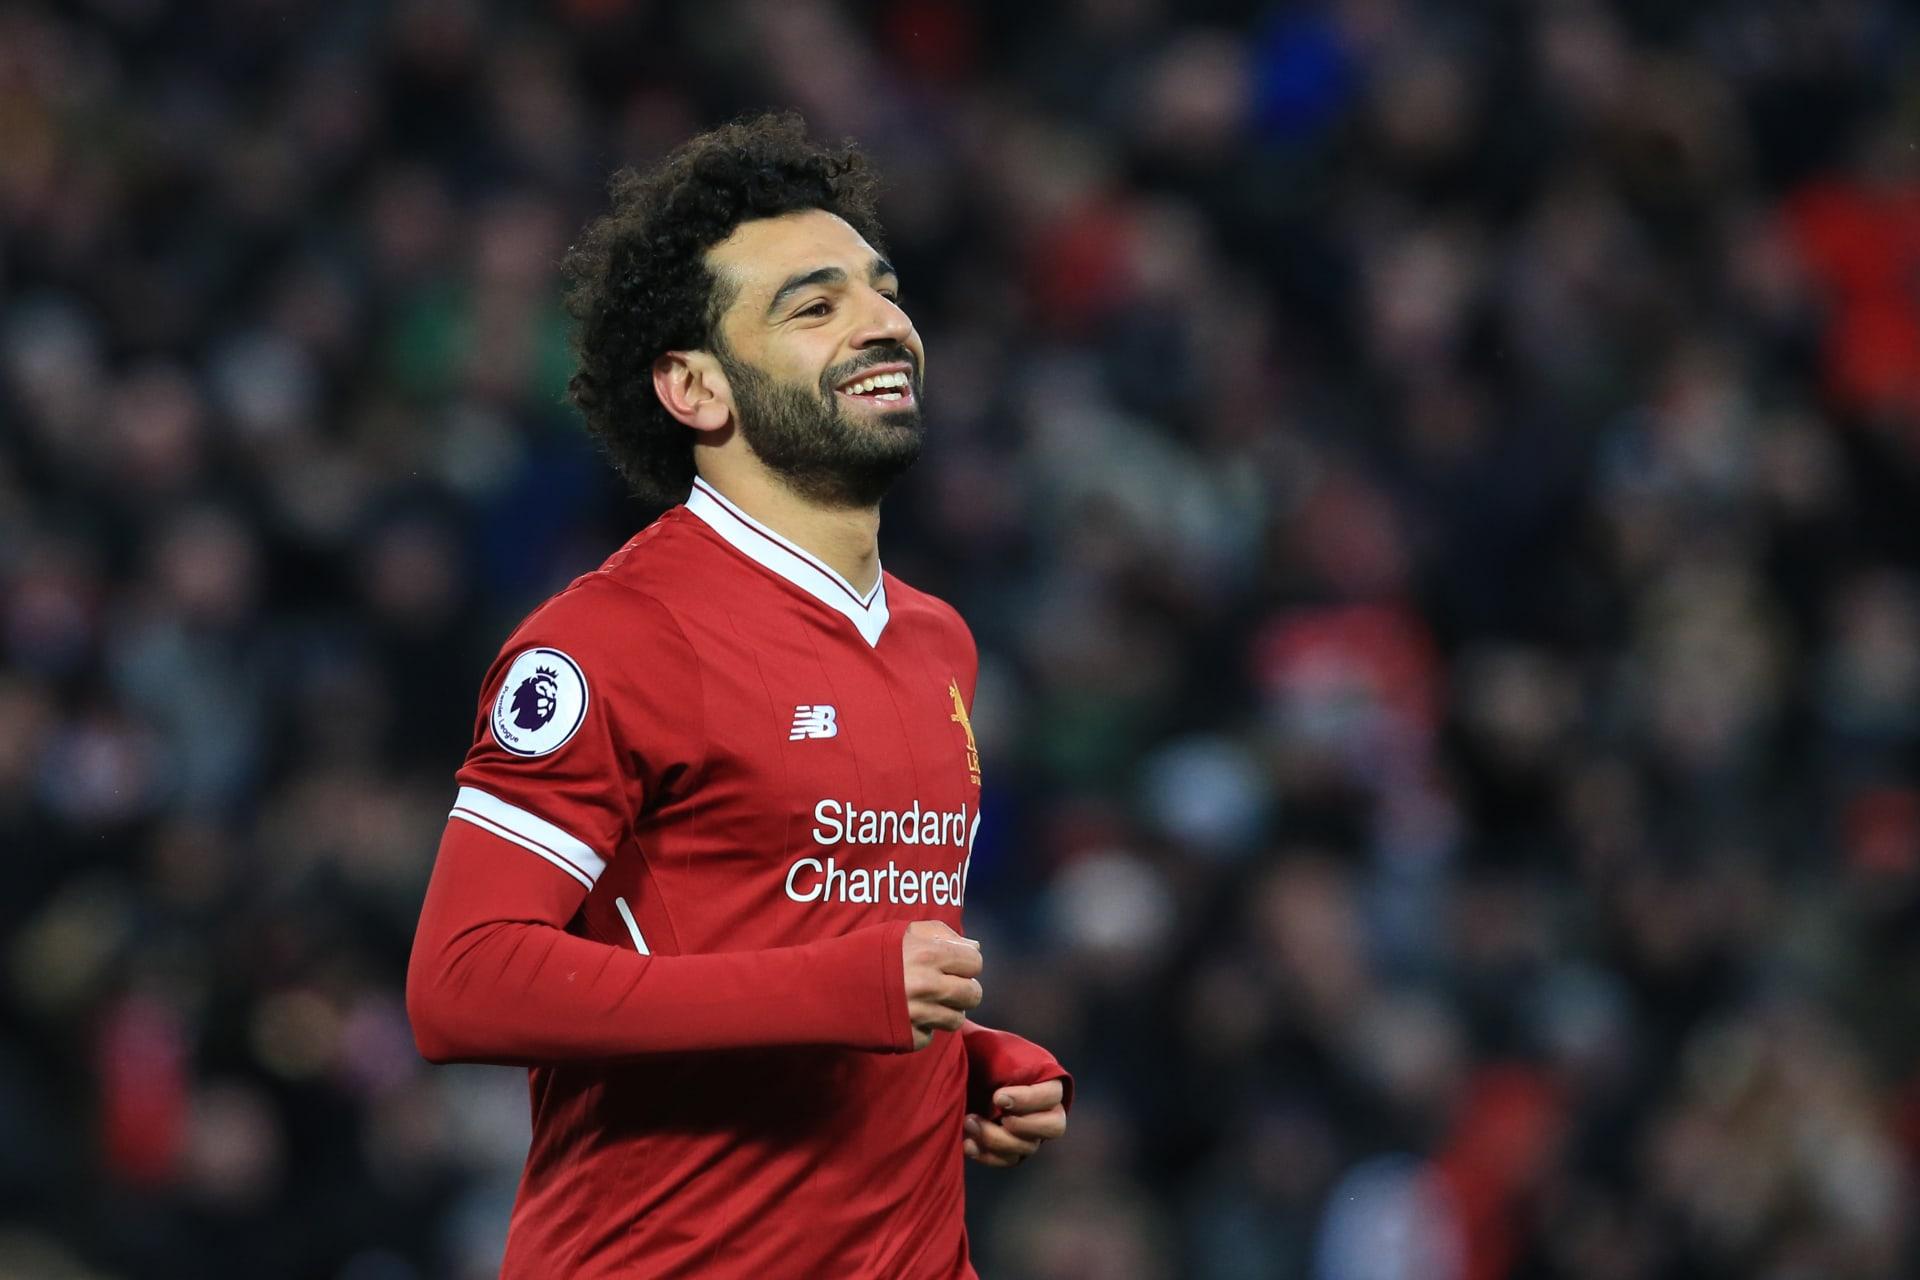 """لاعب ليفربول السابق: من """"الحماقة"""" أن ينتقل محمد صلاح إلى ريال مدريد أو برشلونة الآن"""